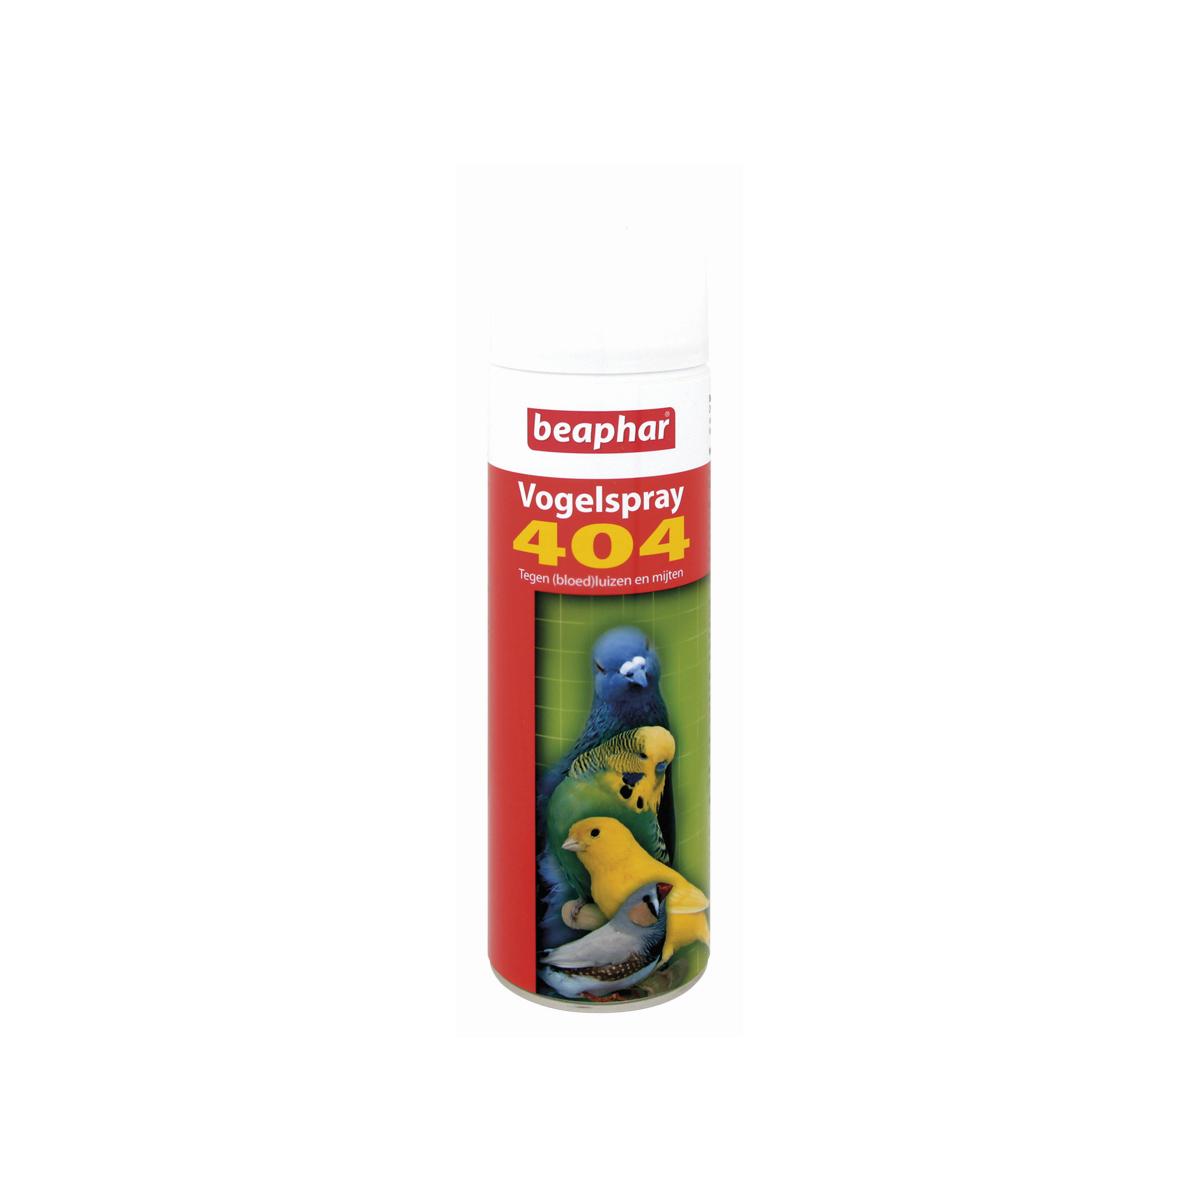 Beaphar - 404 vogelspray 250 ml